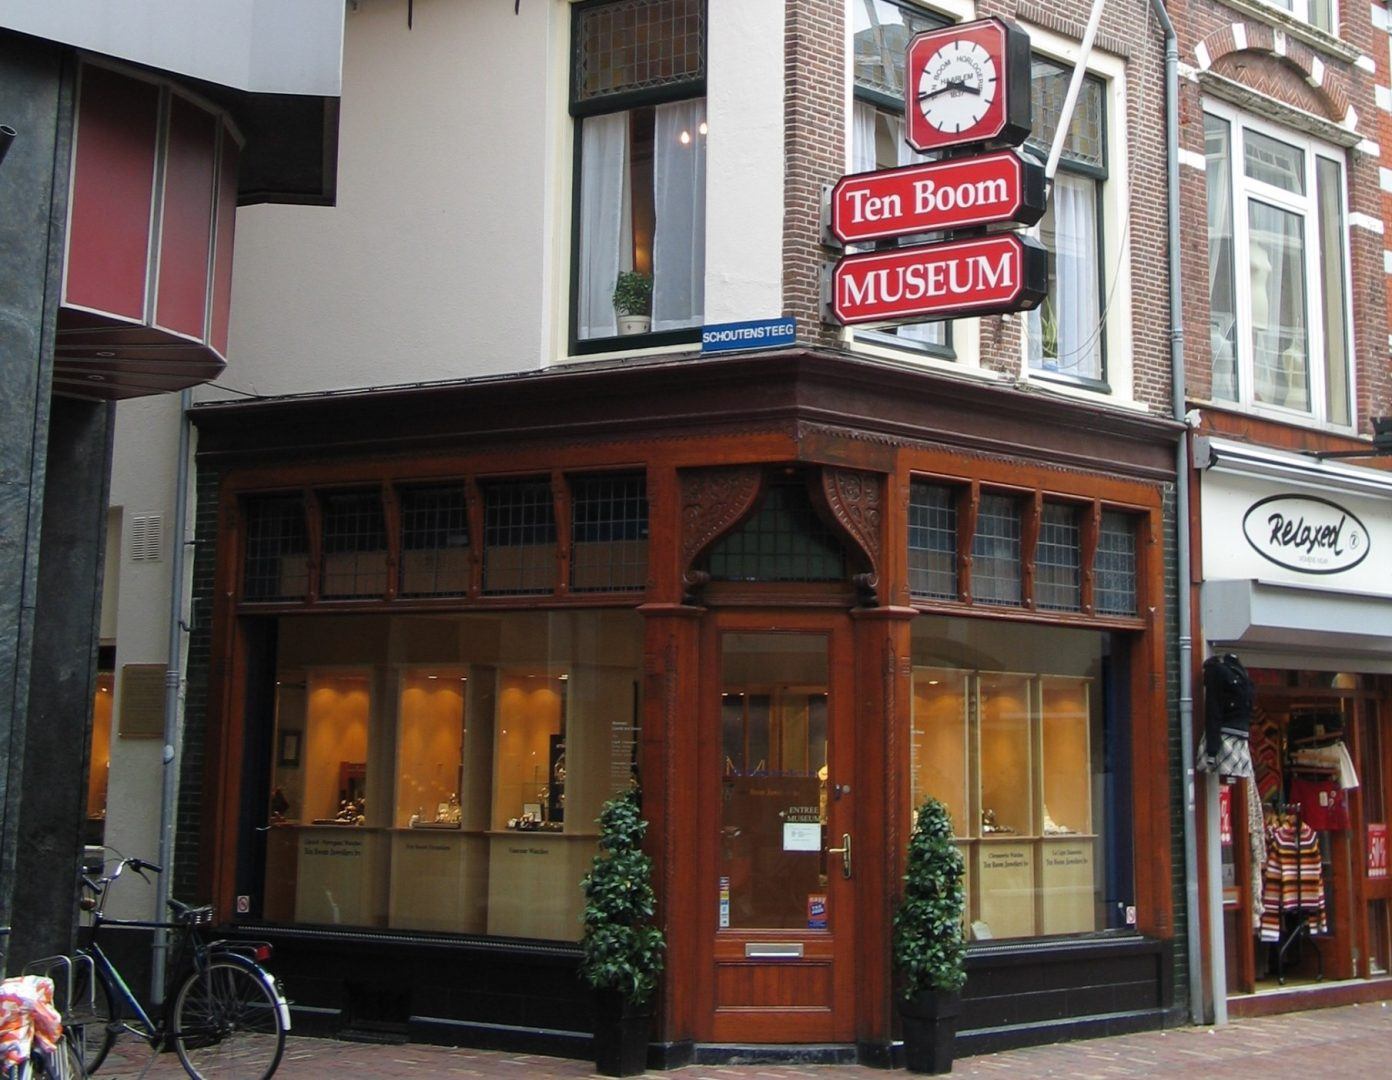 Ten Boom Museum, Haarlem, Netherlands